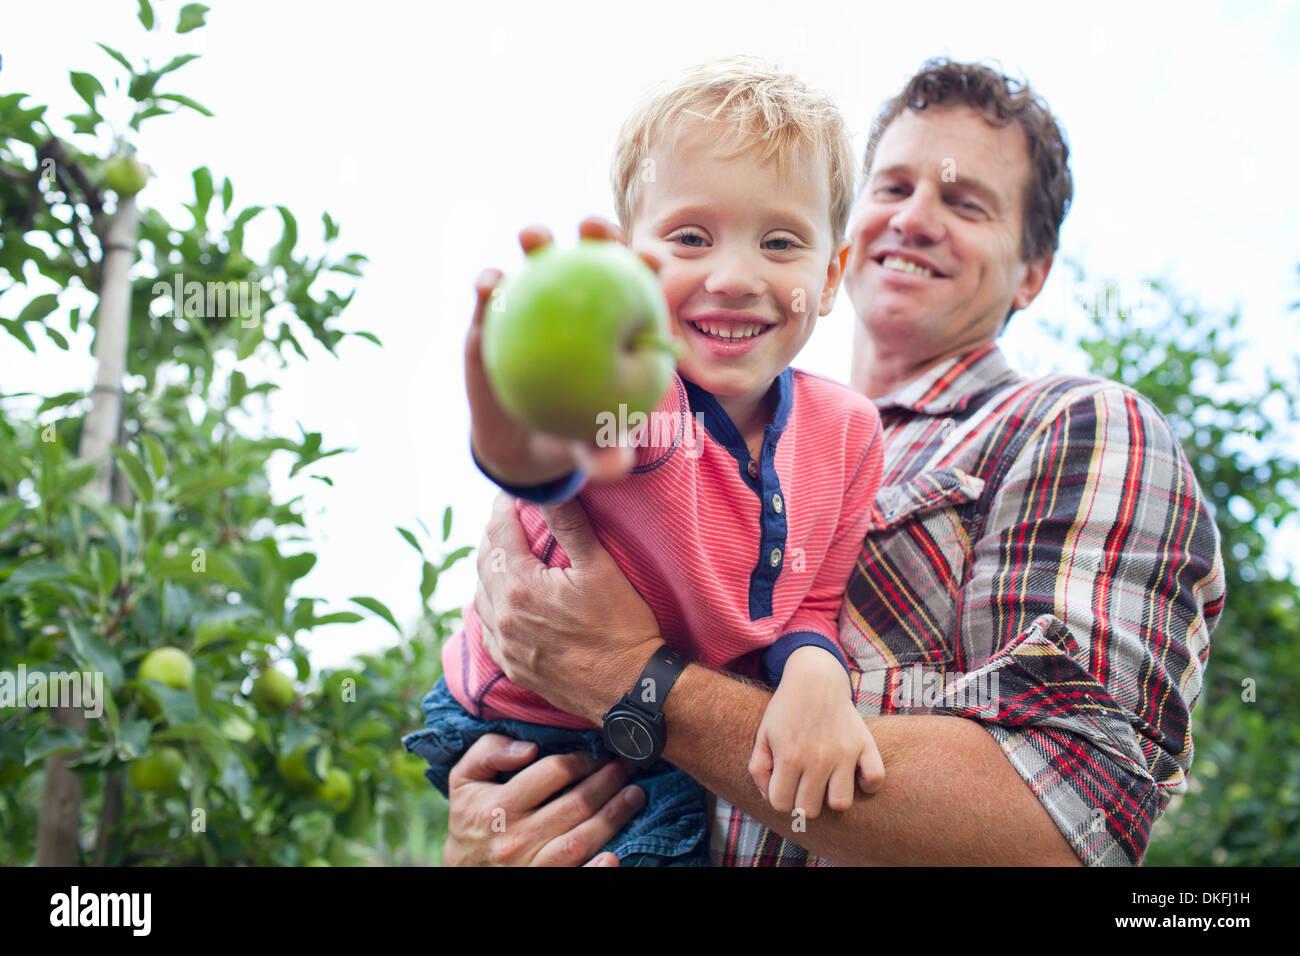 L'agricoltore e figlio la raccolta di mele da albero in Orchard Immagini Stock